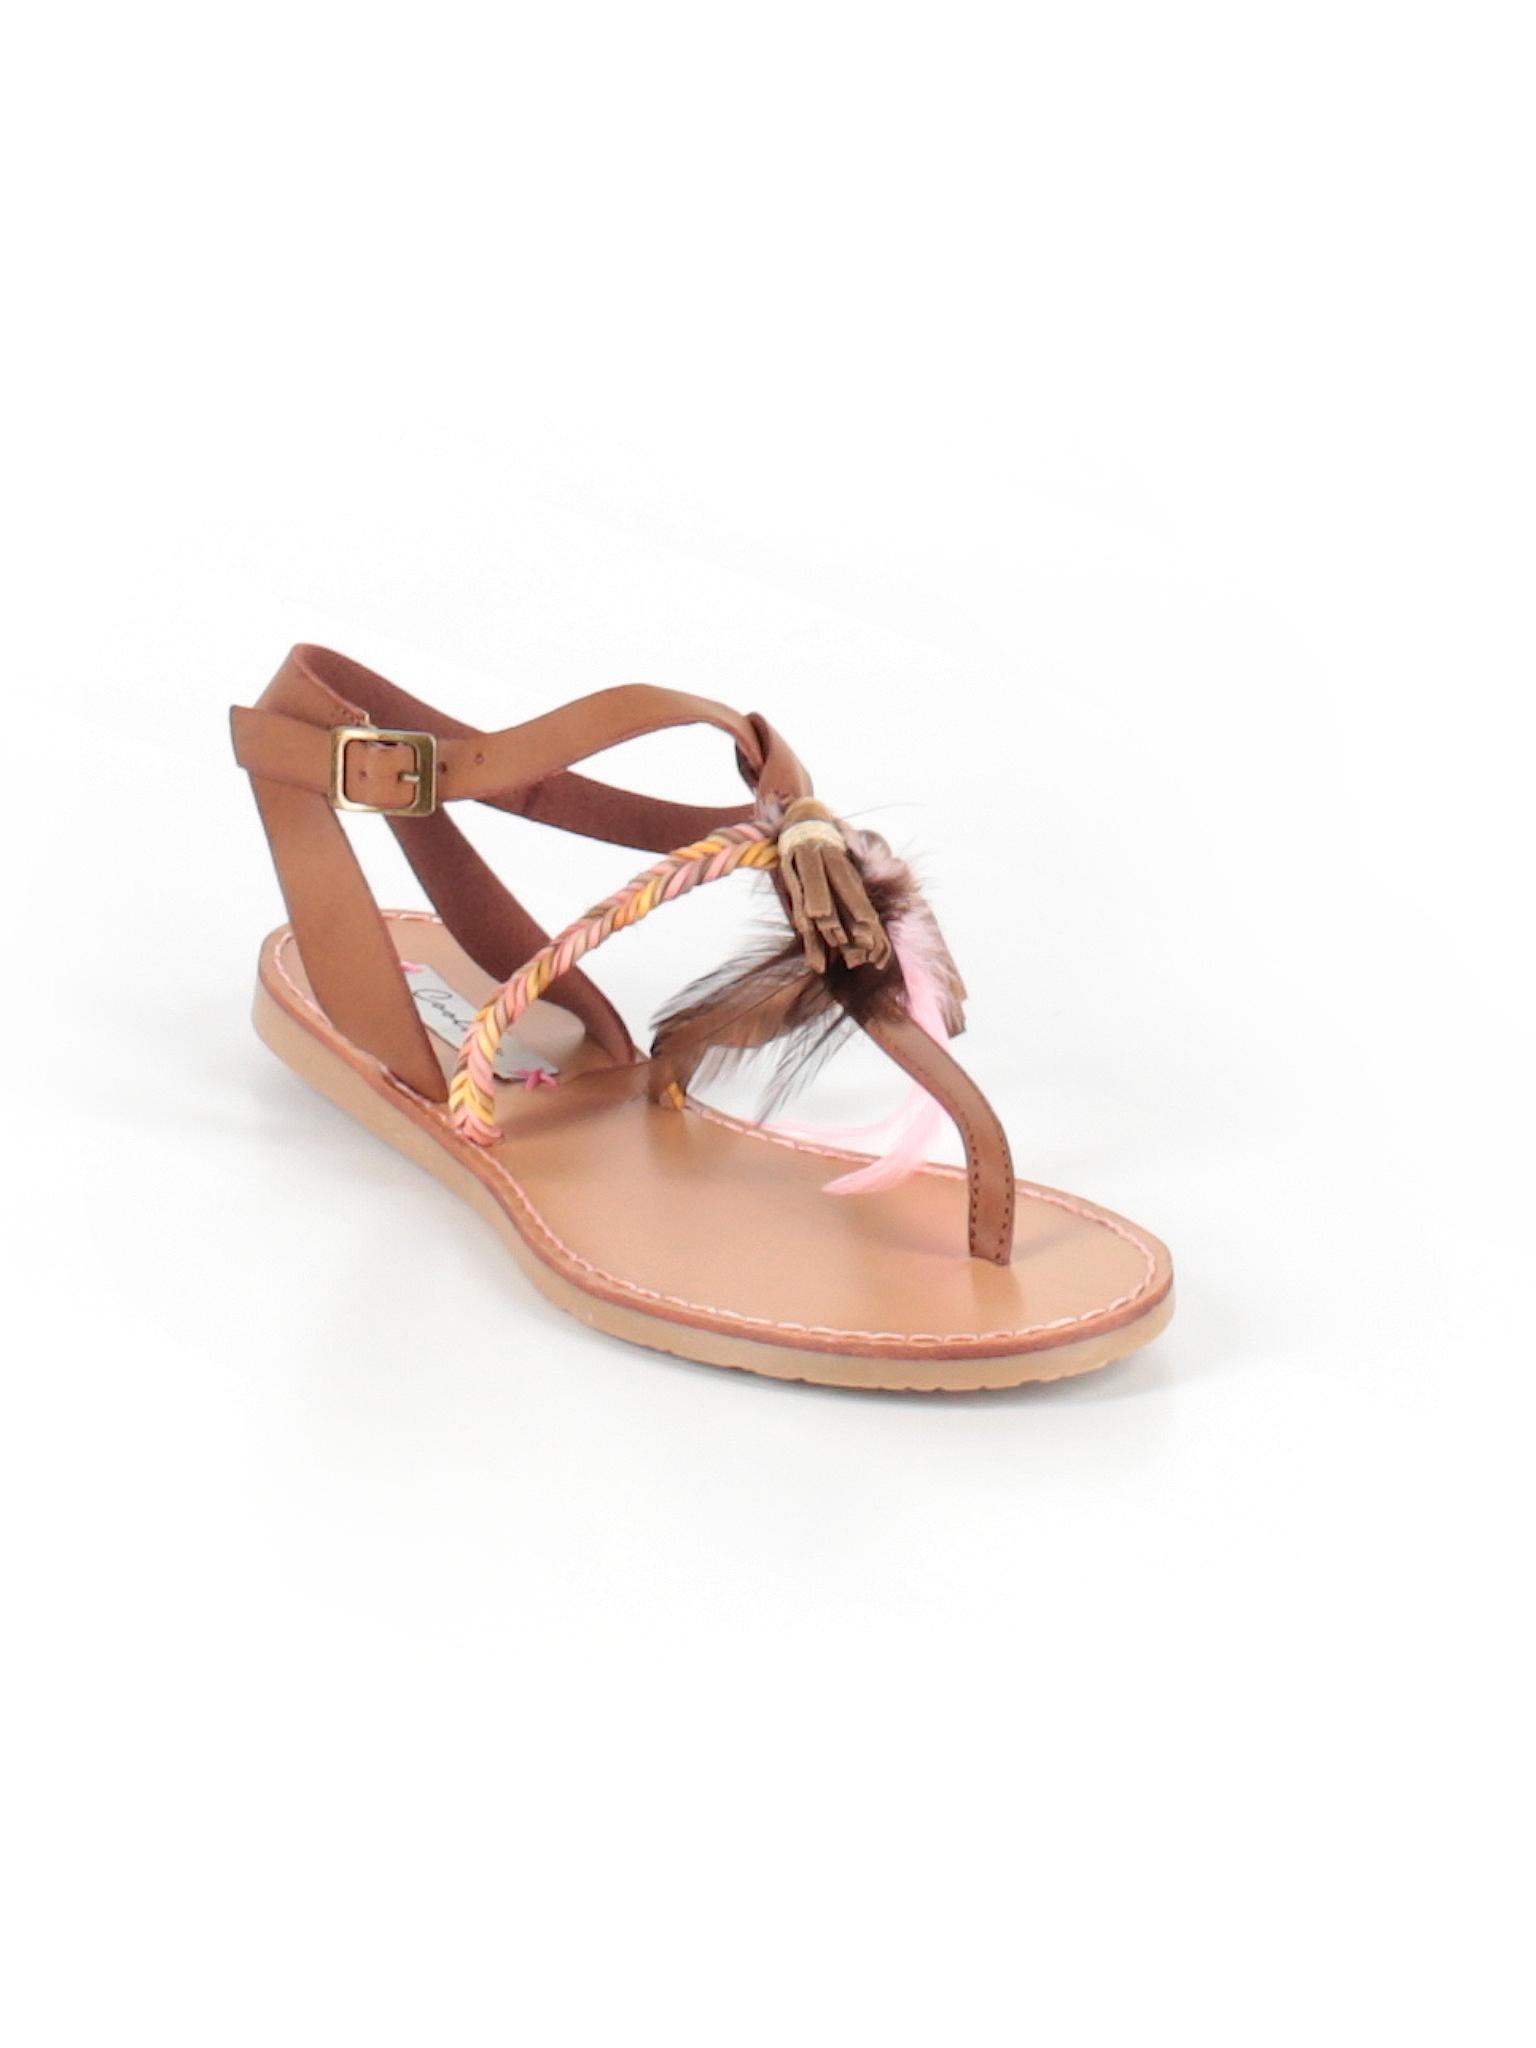 Boutique promotion Boutique promotion Coolway Coolway Sandals Sandals promotion Boutique v7Xvw